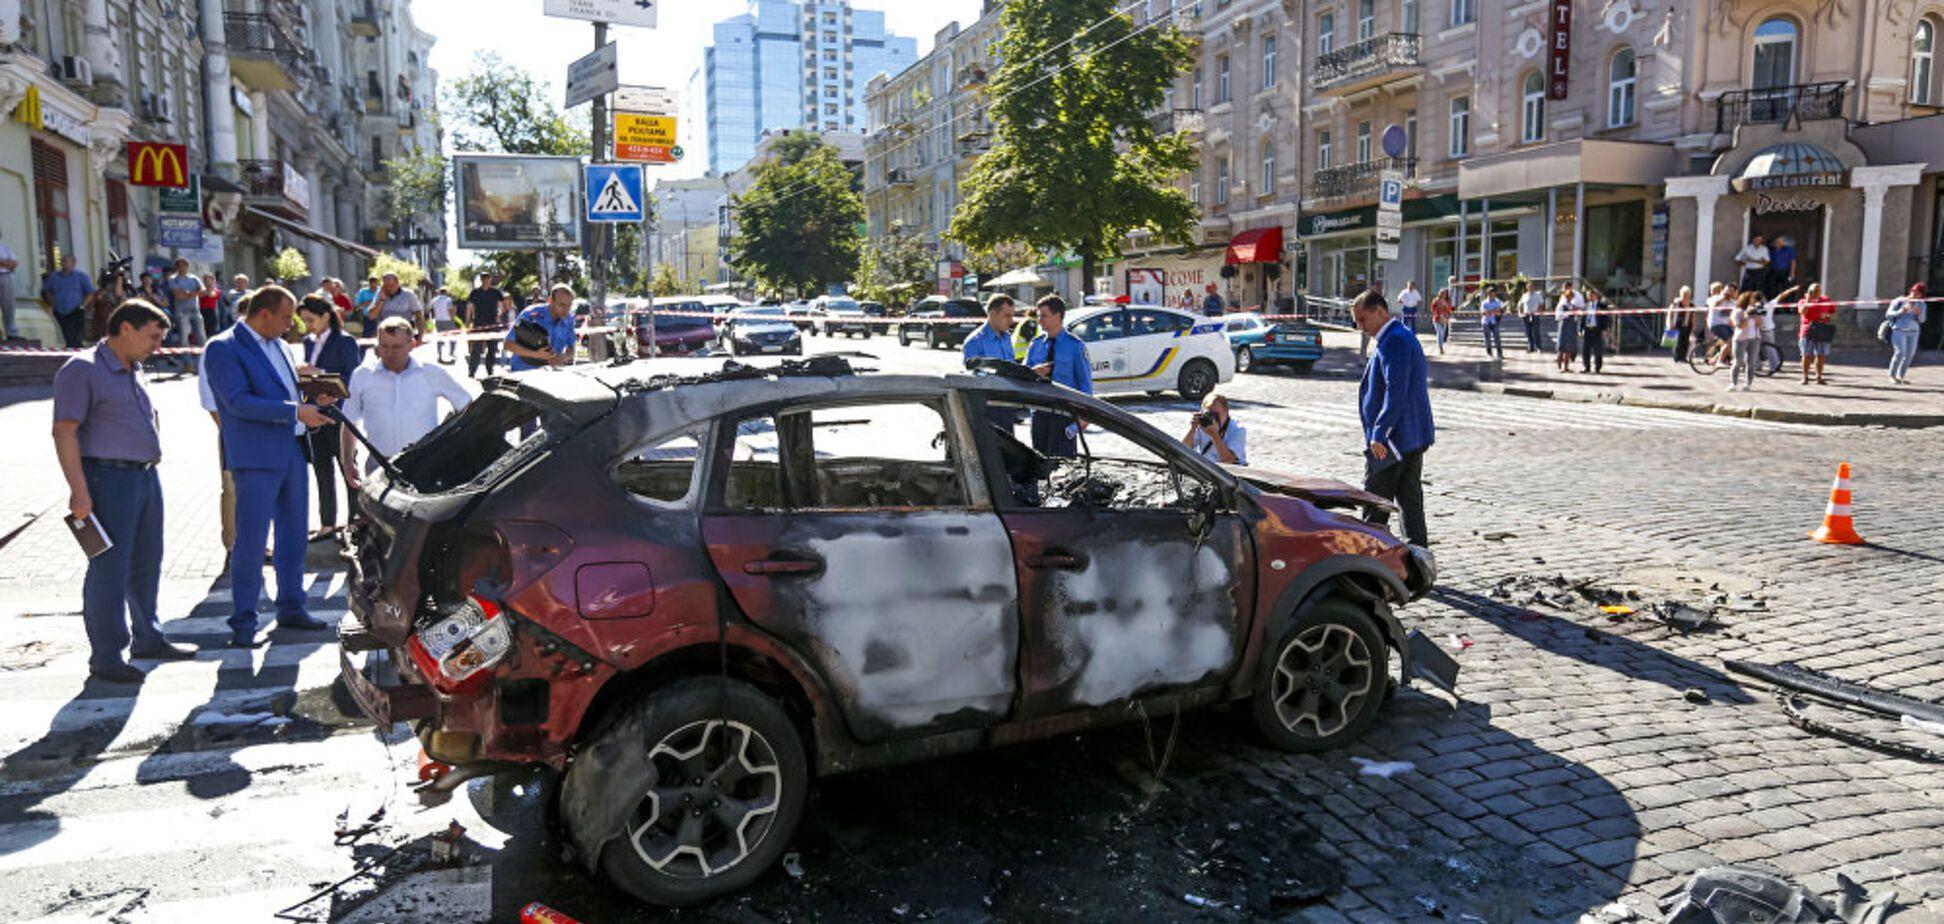 Не только 'российский след': юрист указала на 'ниточки' и мотивы в убийстве Шеремета